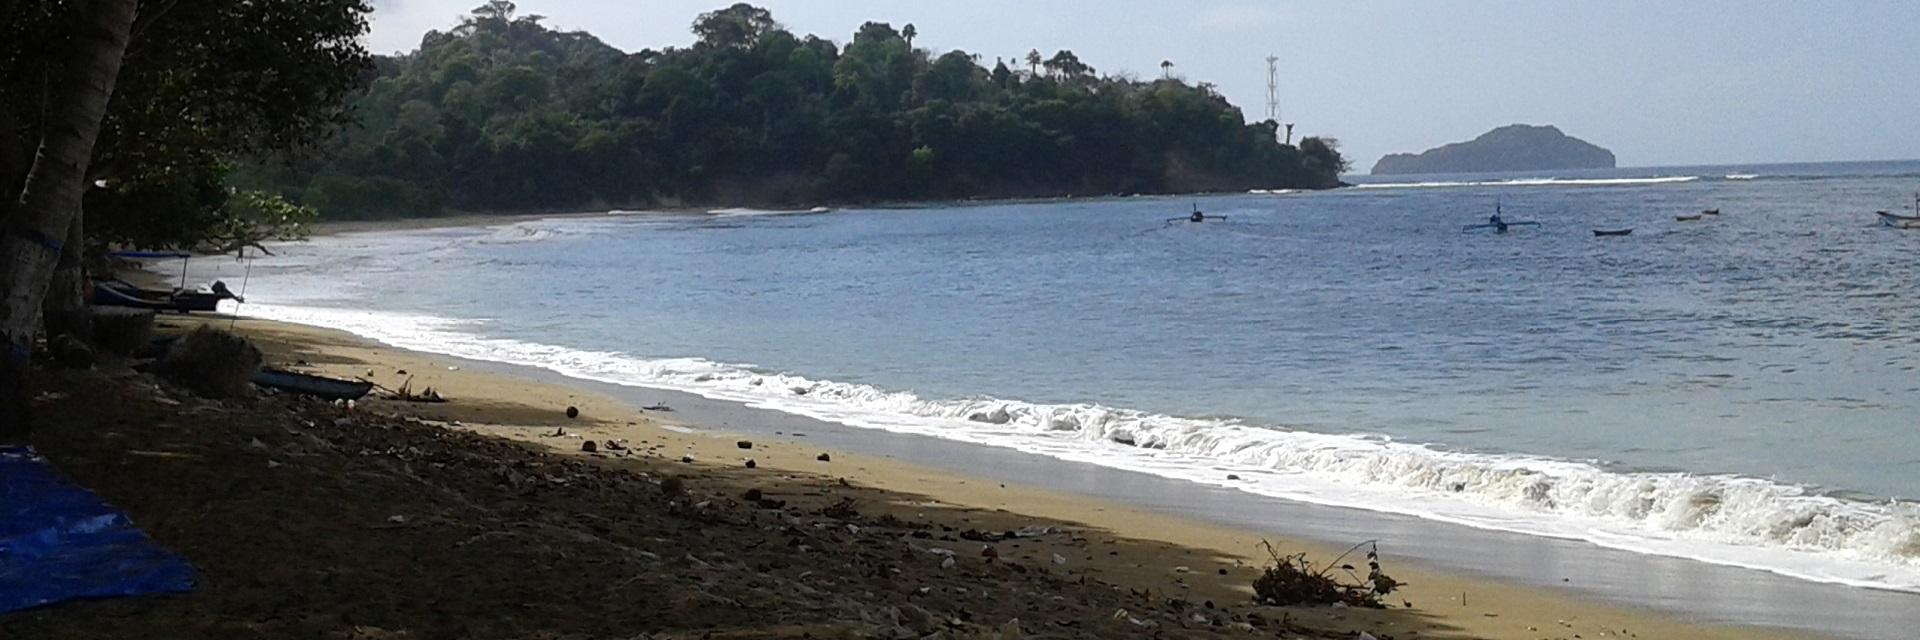 Pantai Tamban Malang, Malang, Kabupaten Malang, Dolan Dolen, Dolaners pantai tamban malang via akujenius - Dolan Dolen